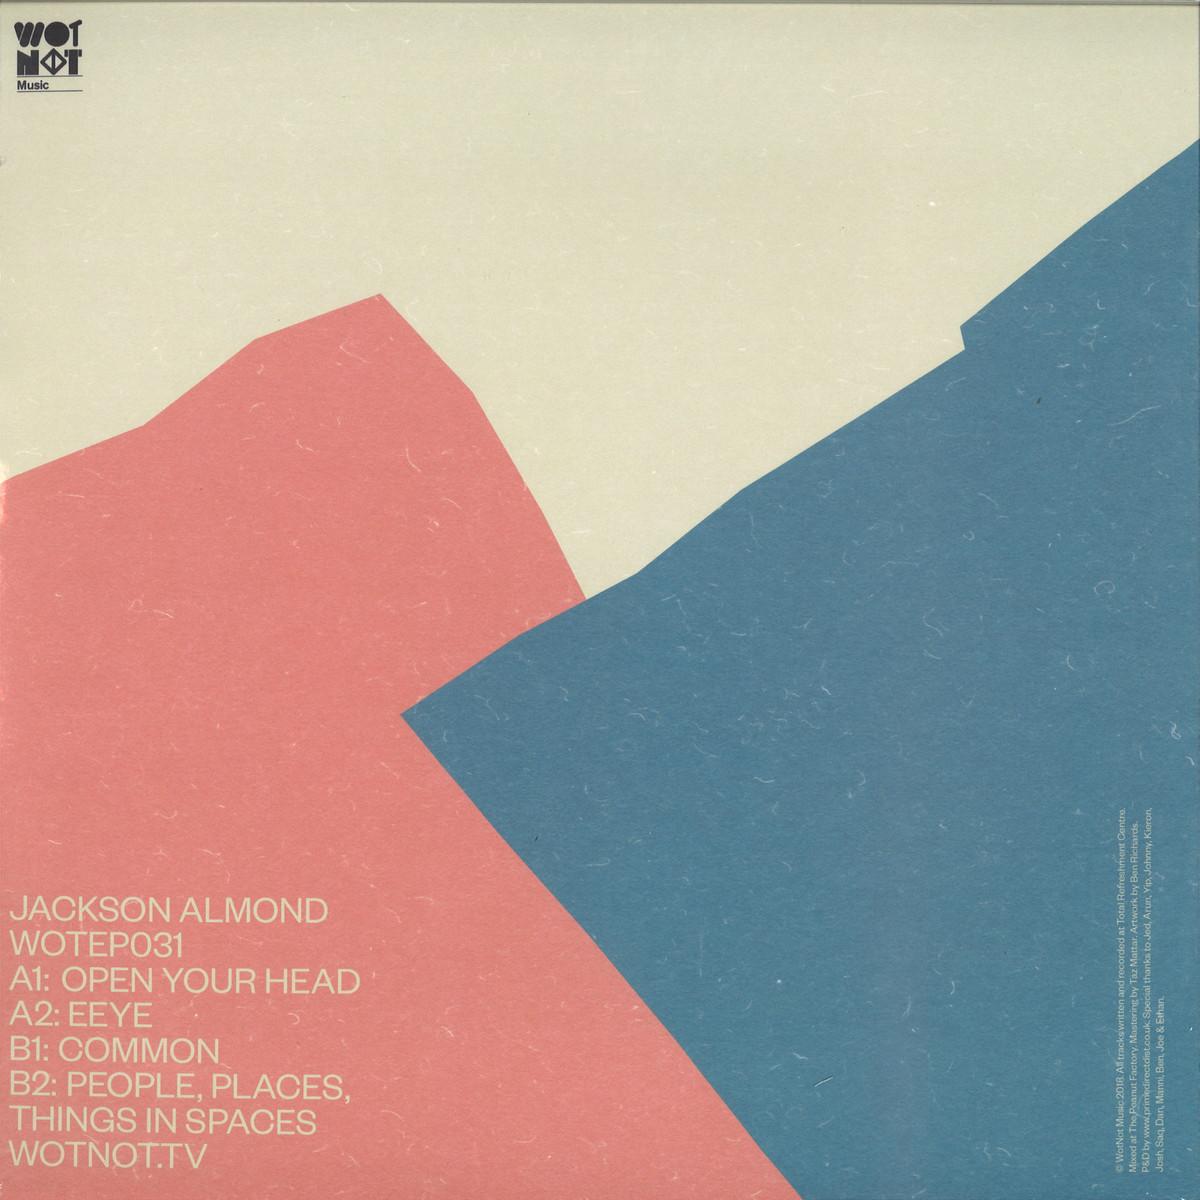 deejay de - WOTNOT MUSIC LTD